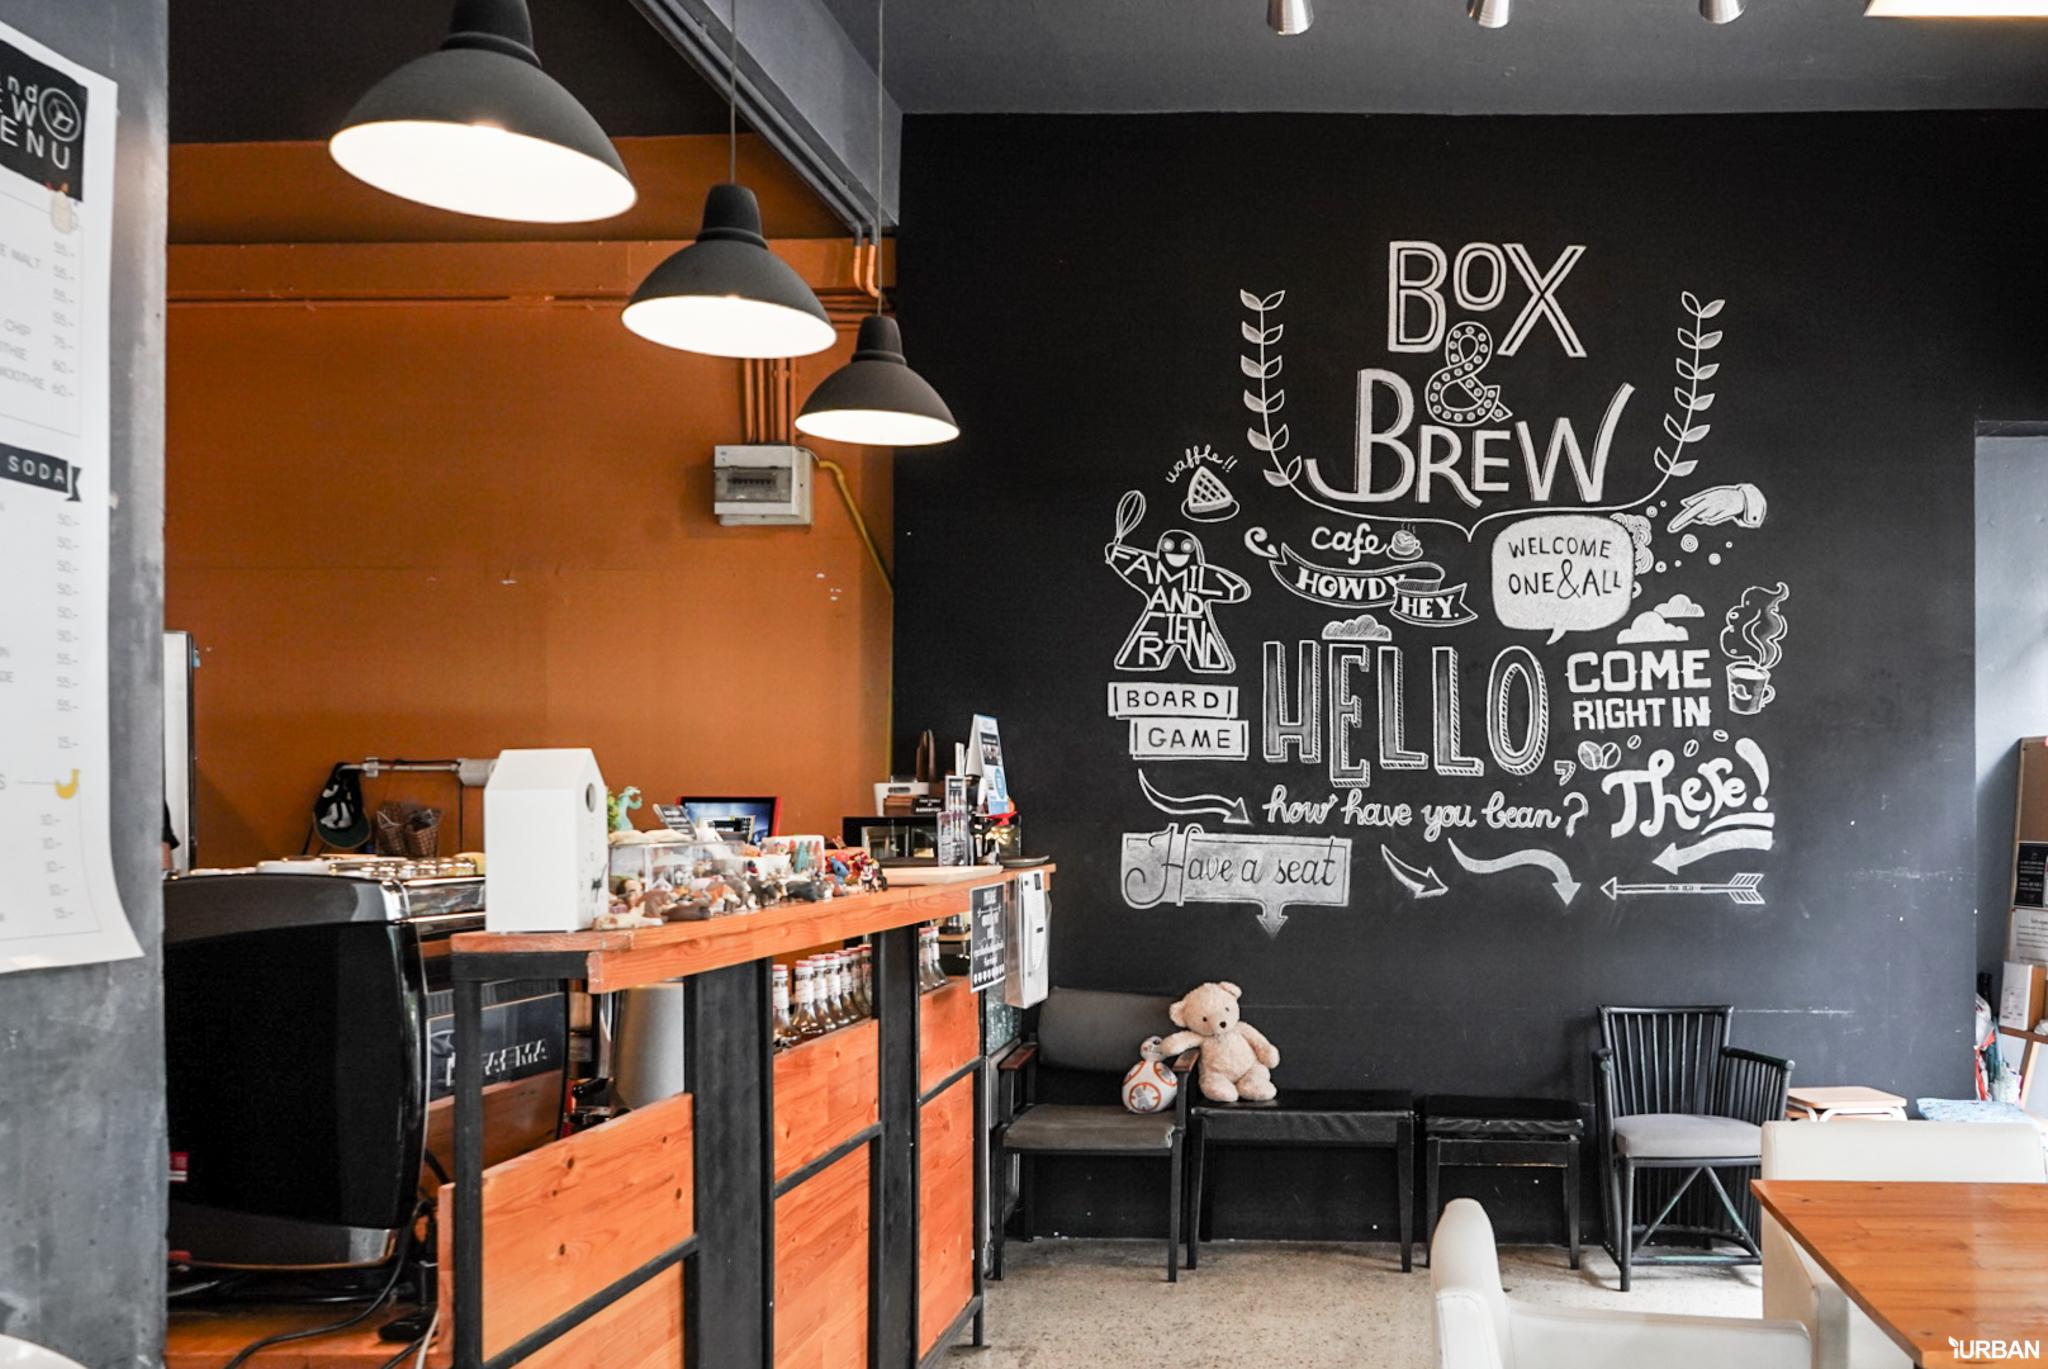 14 ร้านกาแฟ ม.เกษตร คาเฟ่สไตล์นักศึกษาและคนทำงาน + สำรวจ Co-Working Space ที่ KENSINGTON KASET CAMPUS (เคนซิงตัน เกษตร แคมปัส) 54 - cafe